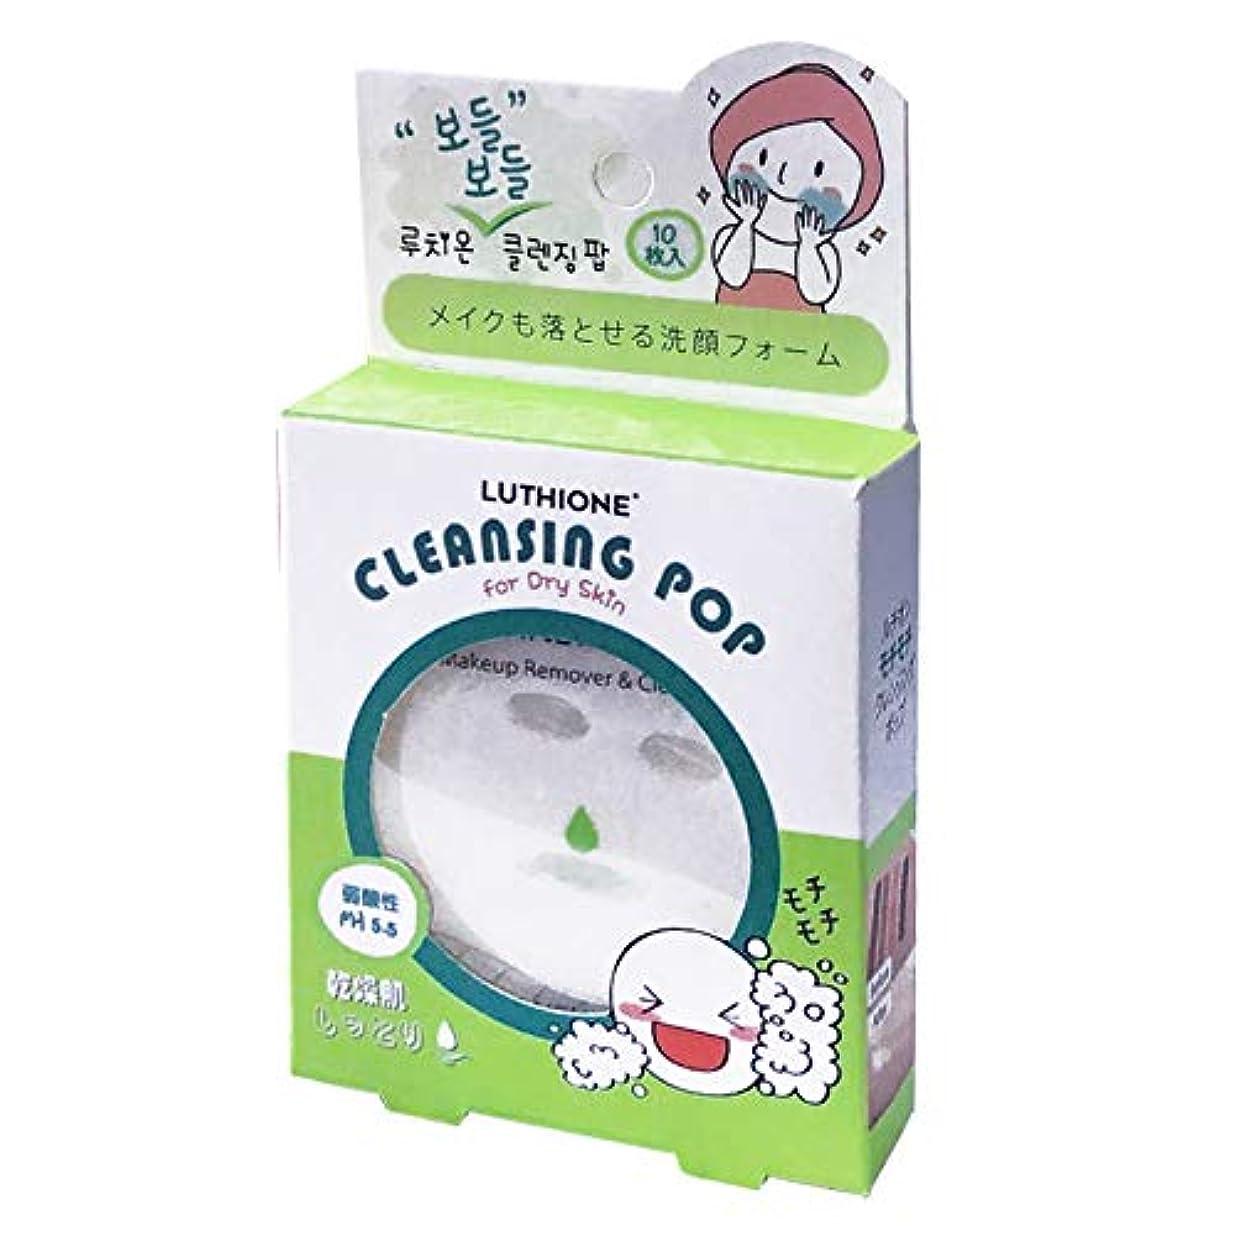 アセンブリ売り手引き出し【まとめ買い】ルチオン クレンジングポップ (LUTHIONE CLEANSING POP) 乾燥肌 10枚入り ×6個